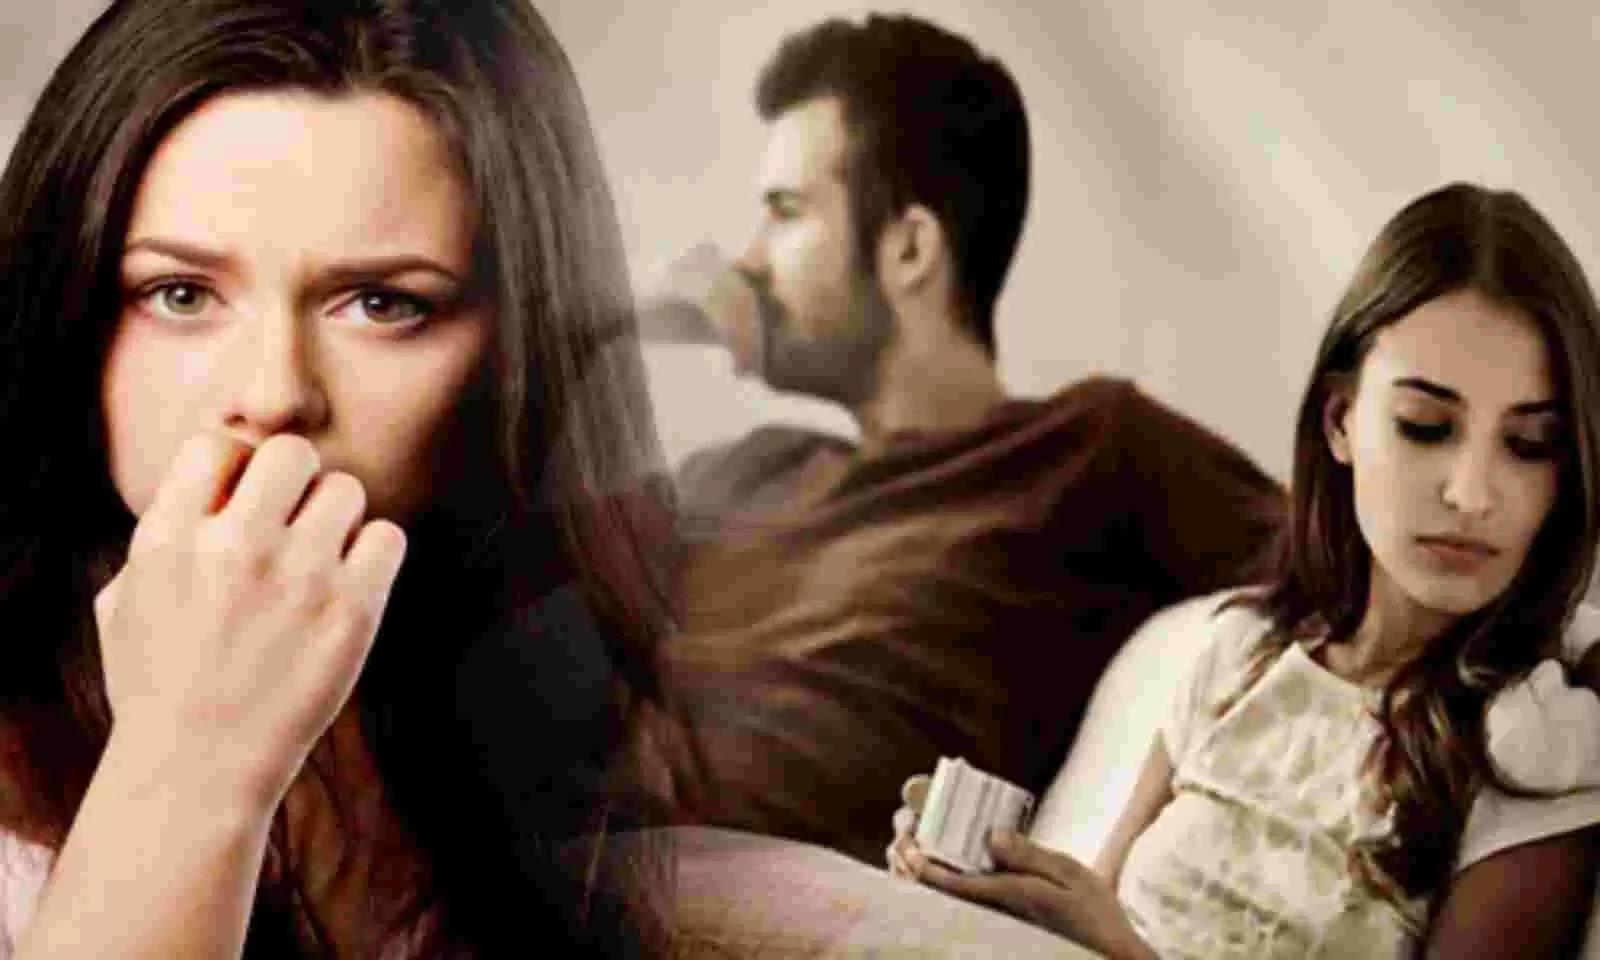 मजबूत रिश्तों में भी कड़वाहट घोल देती हैं ये बातें, जानिए इनसे बचने के उपाय